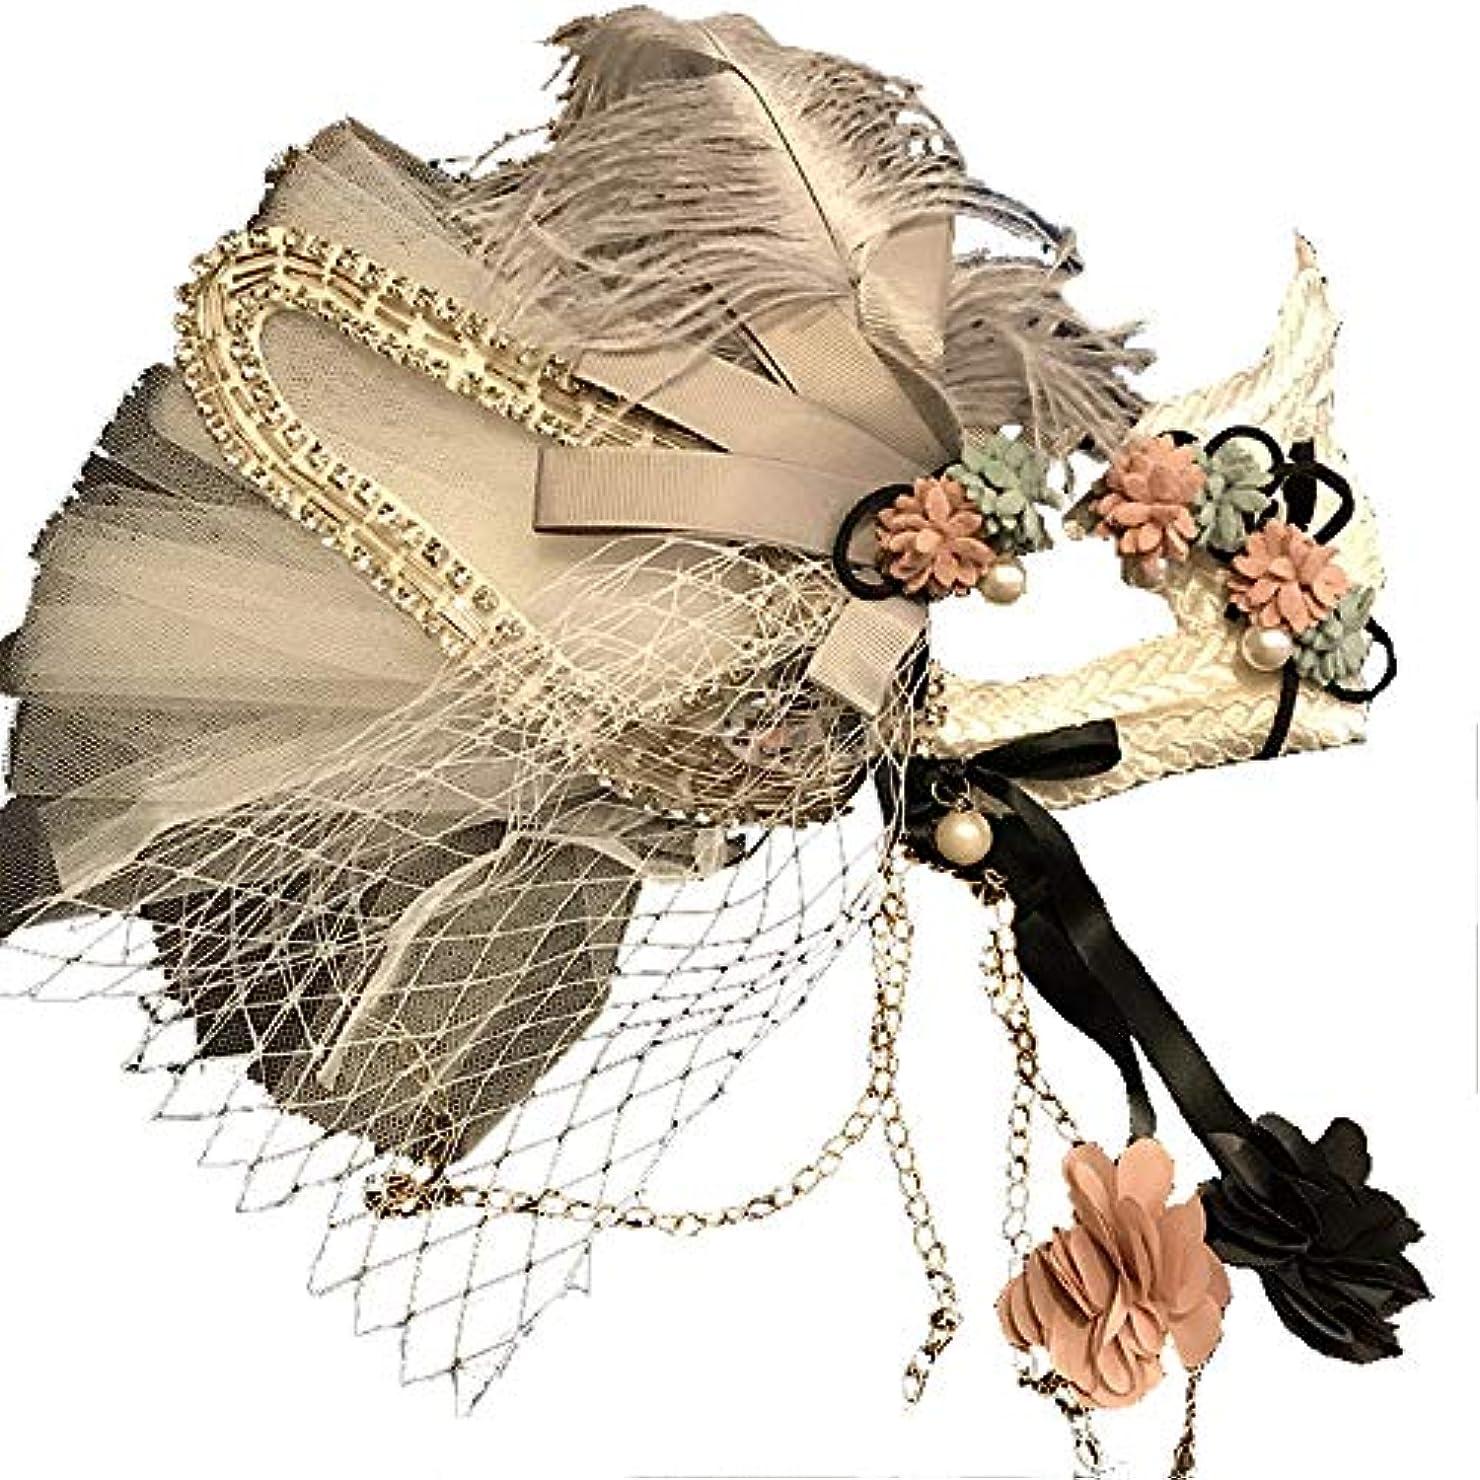 苦しみシャンプー数Nanle 白い不足&花ベネチアマスカレードカーニバルパーティーアイマスク